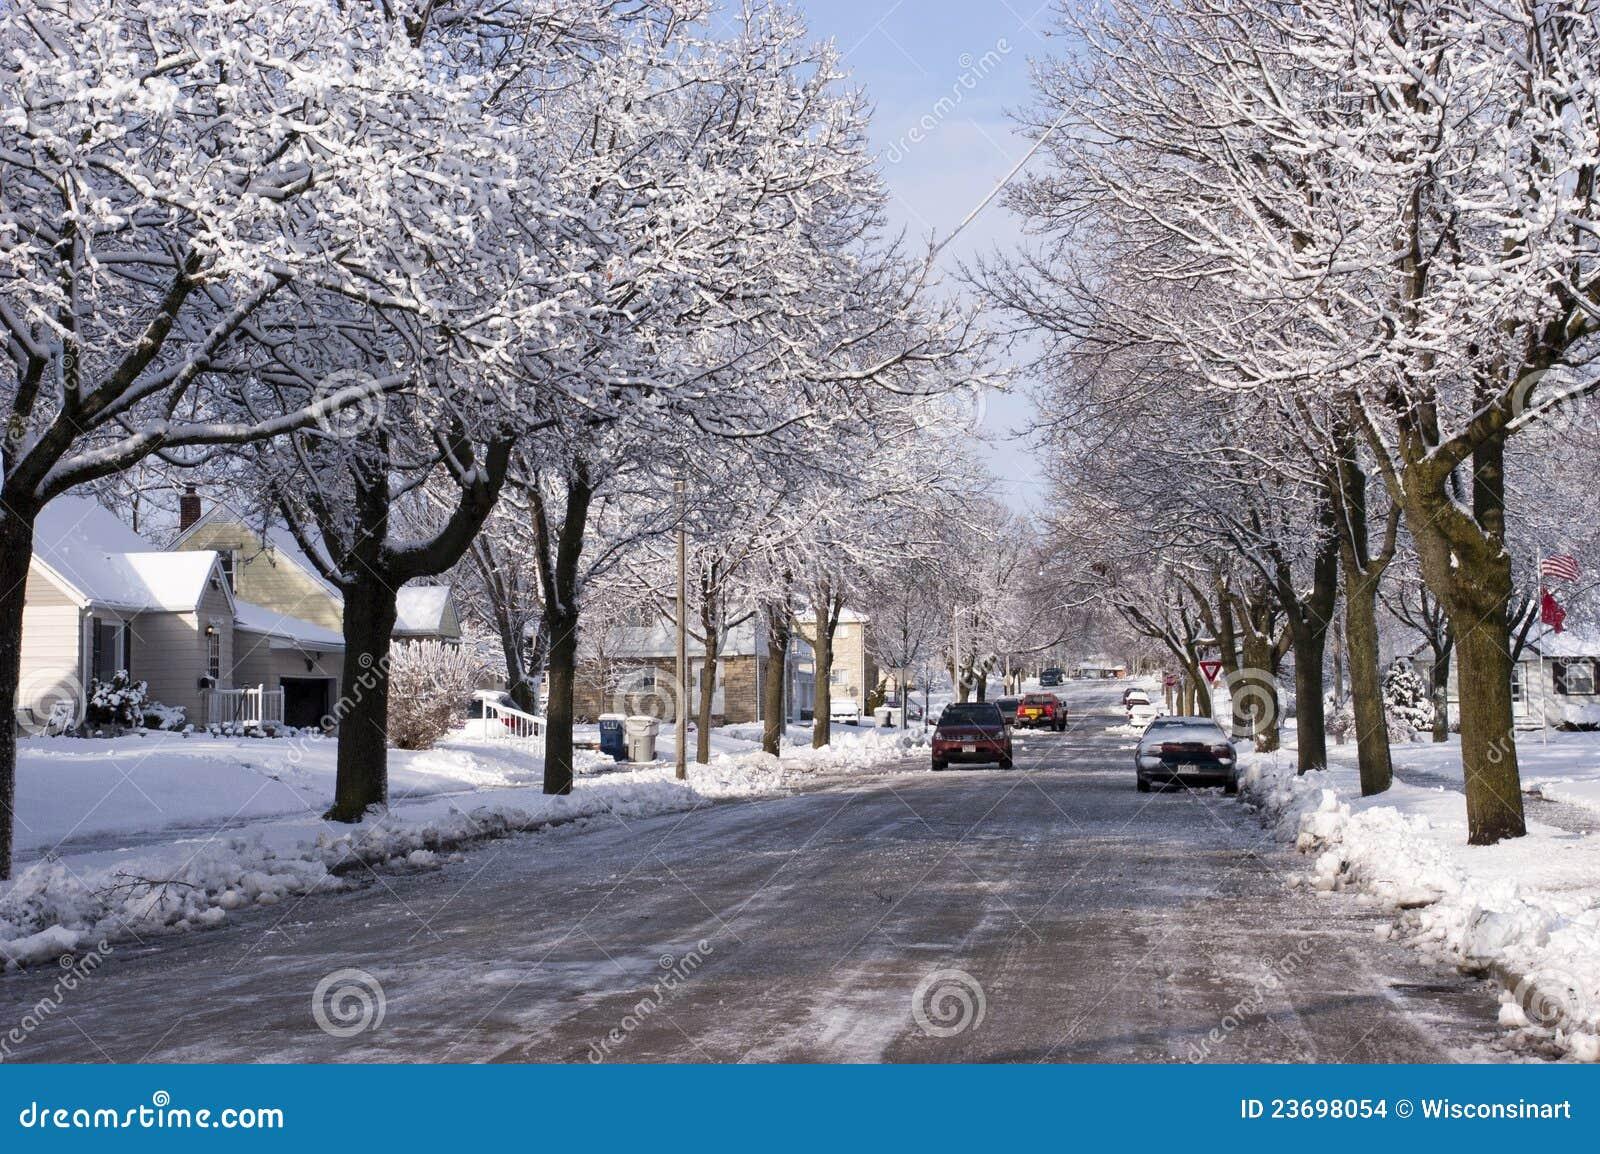 Citt in inverno camere case neve della vicinanza - Animali in inverno clipart ...